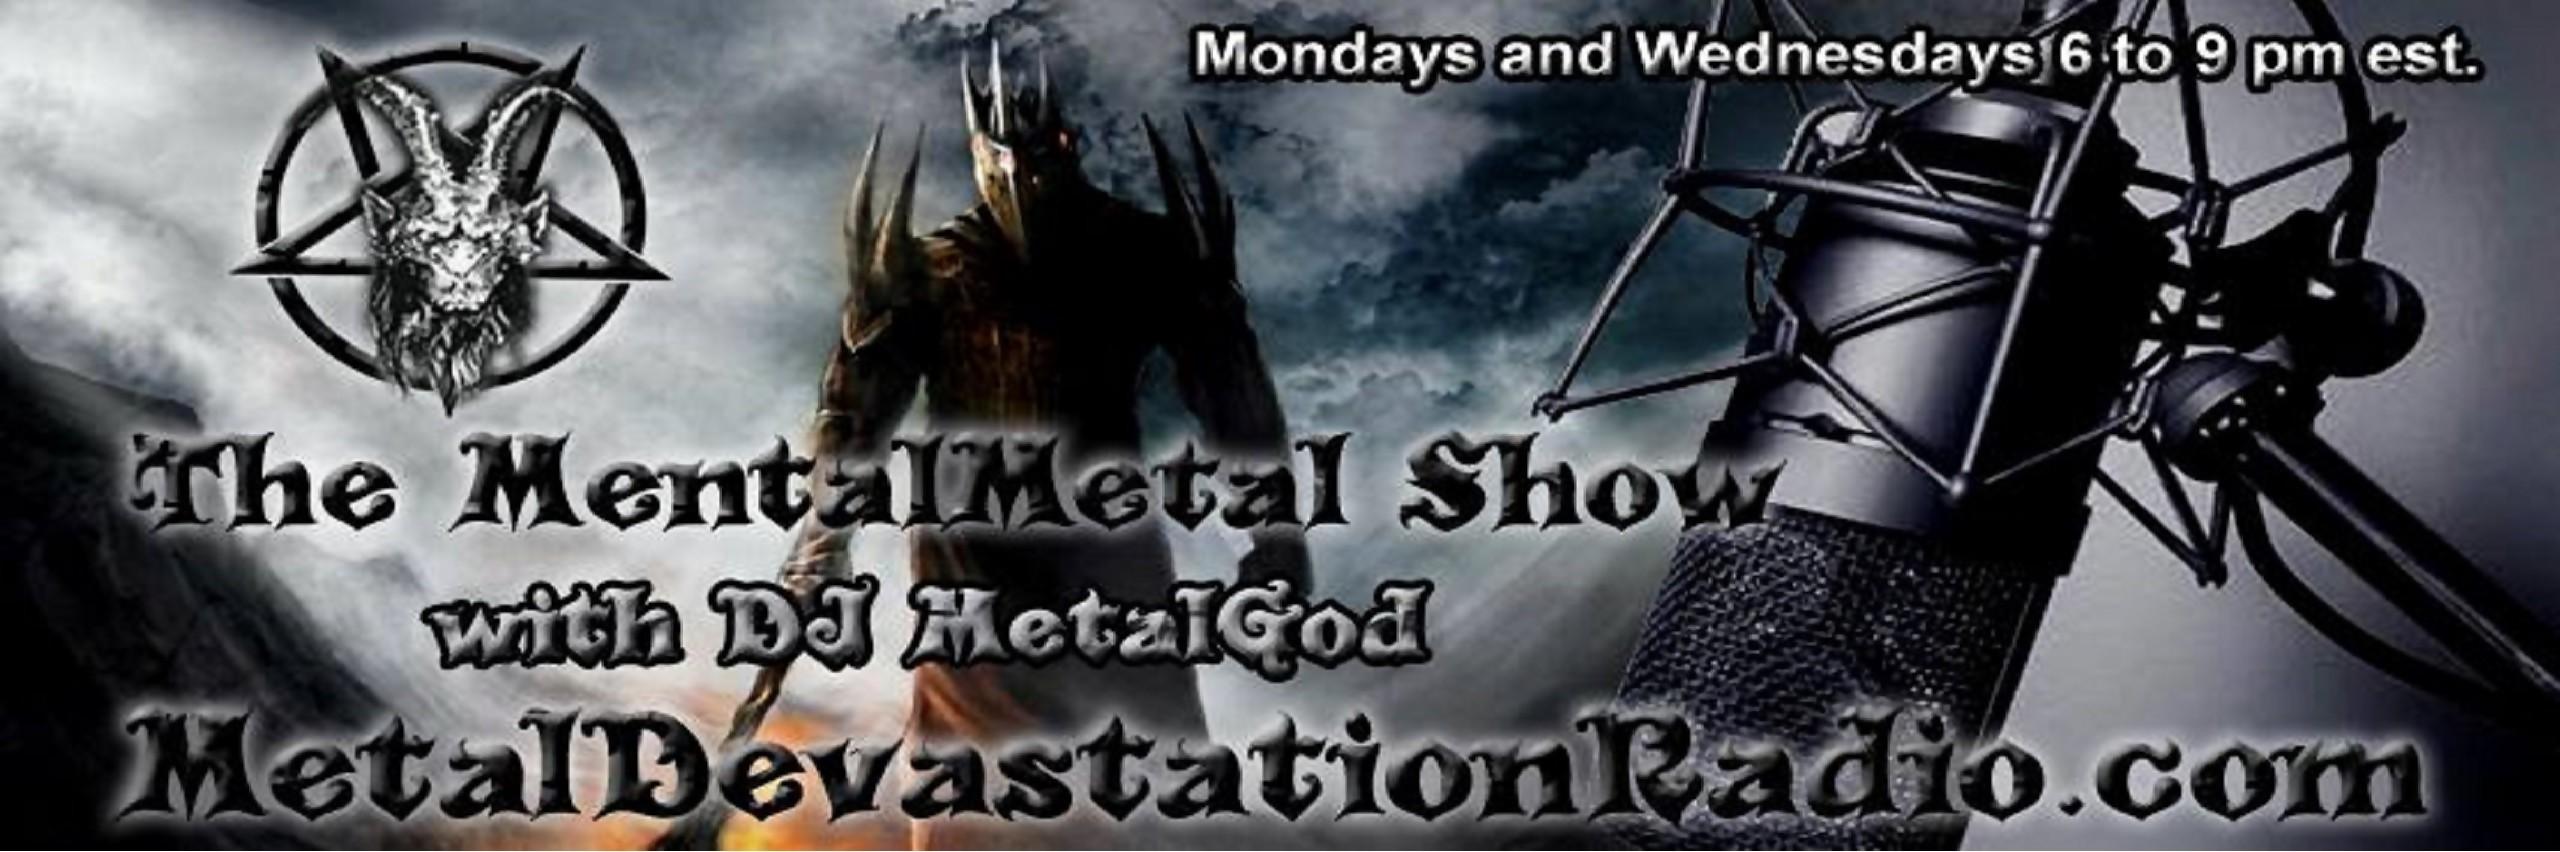 MentalMetal Show